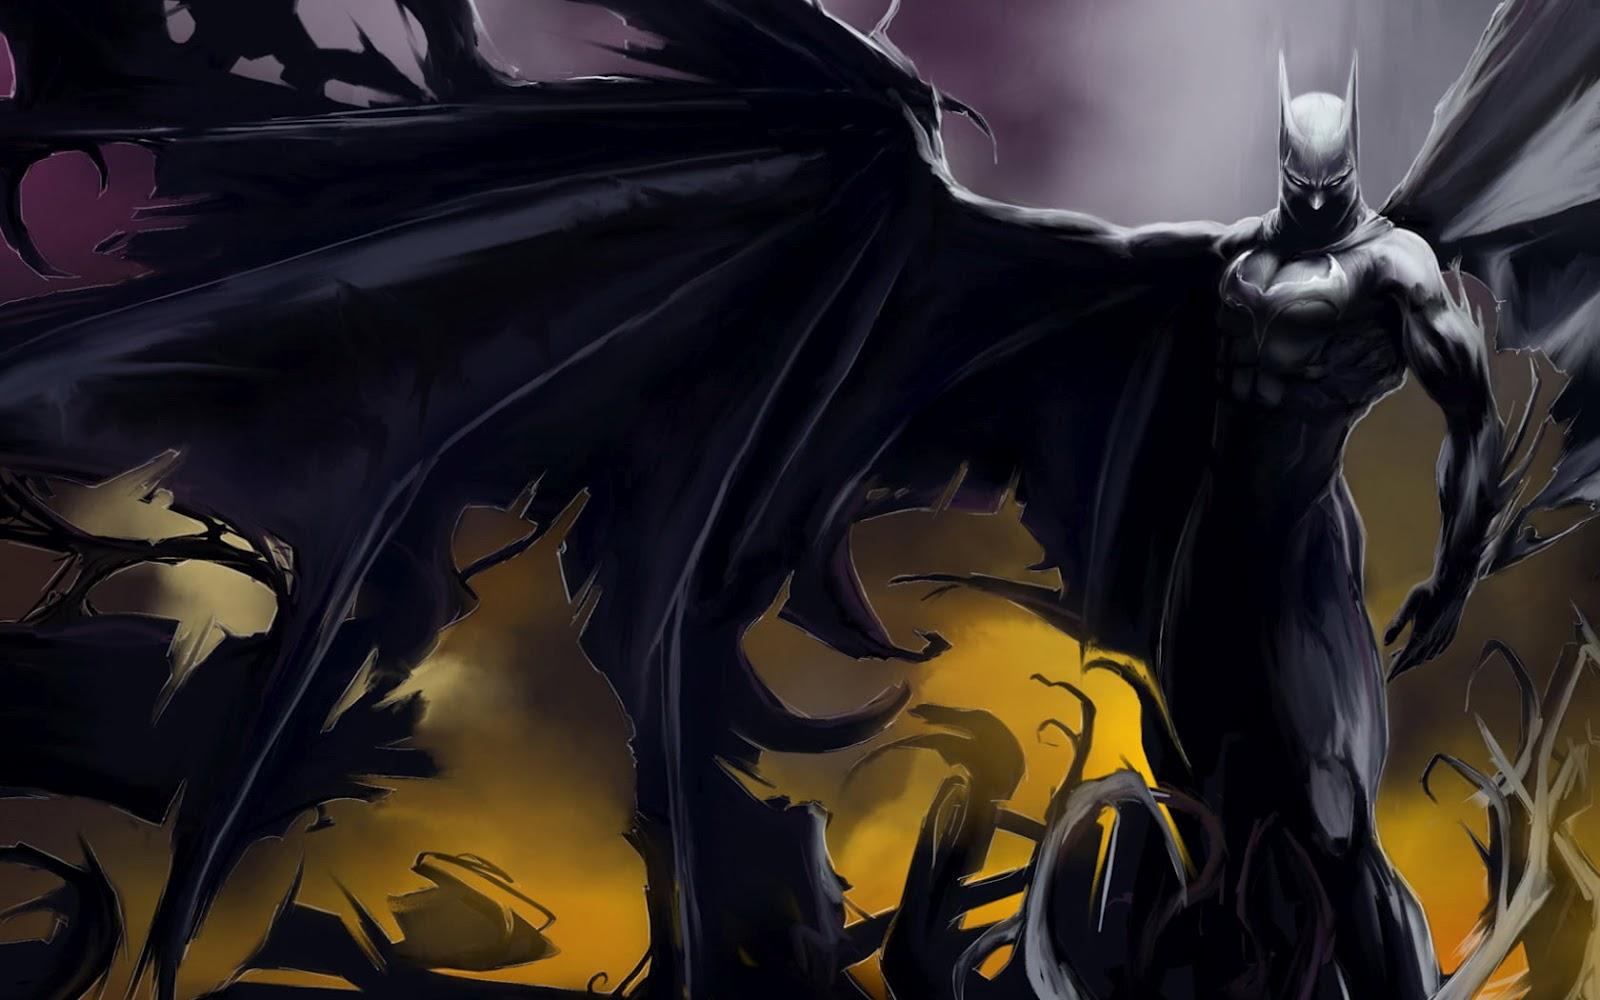 http://2.bp.blogspot.com/-d68_k7PEu48/UBbS-DY2H_I/AAAAAAAAEFo/PawSqsZKxyM/s1600/widescreen-batman-wallpaper_940.jpg